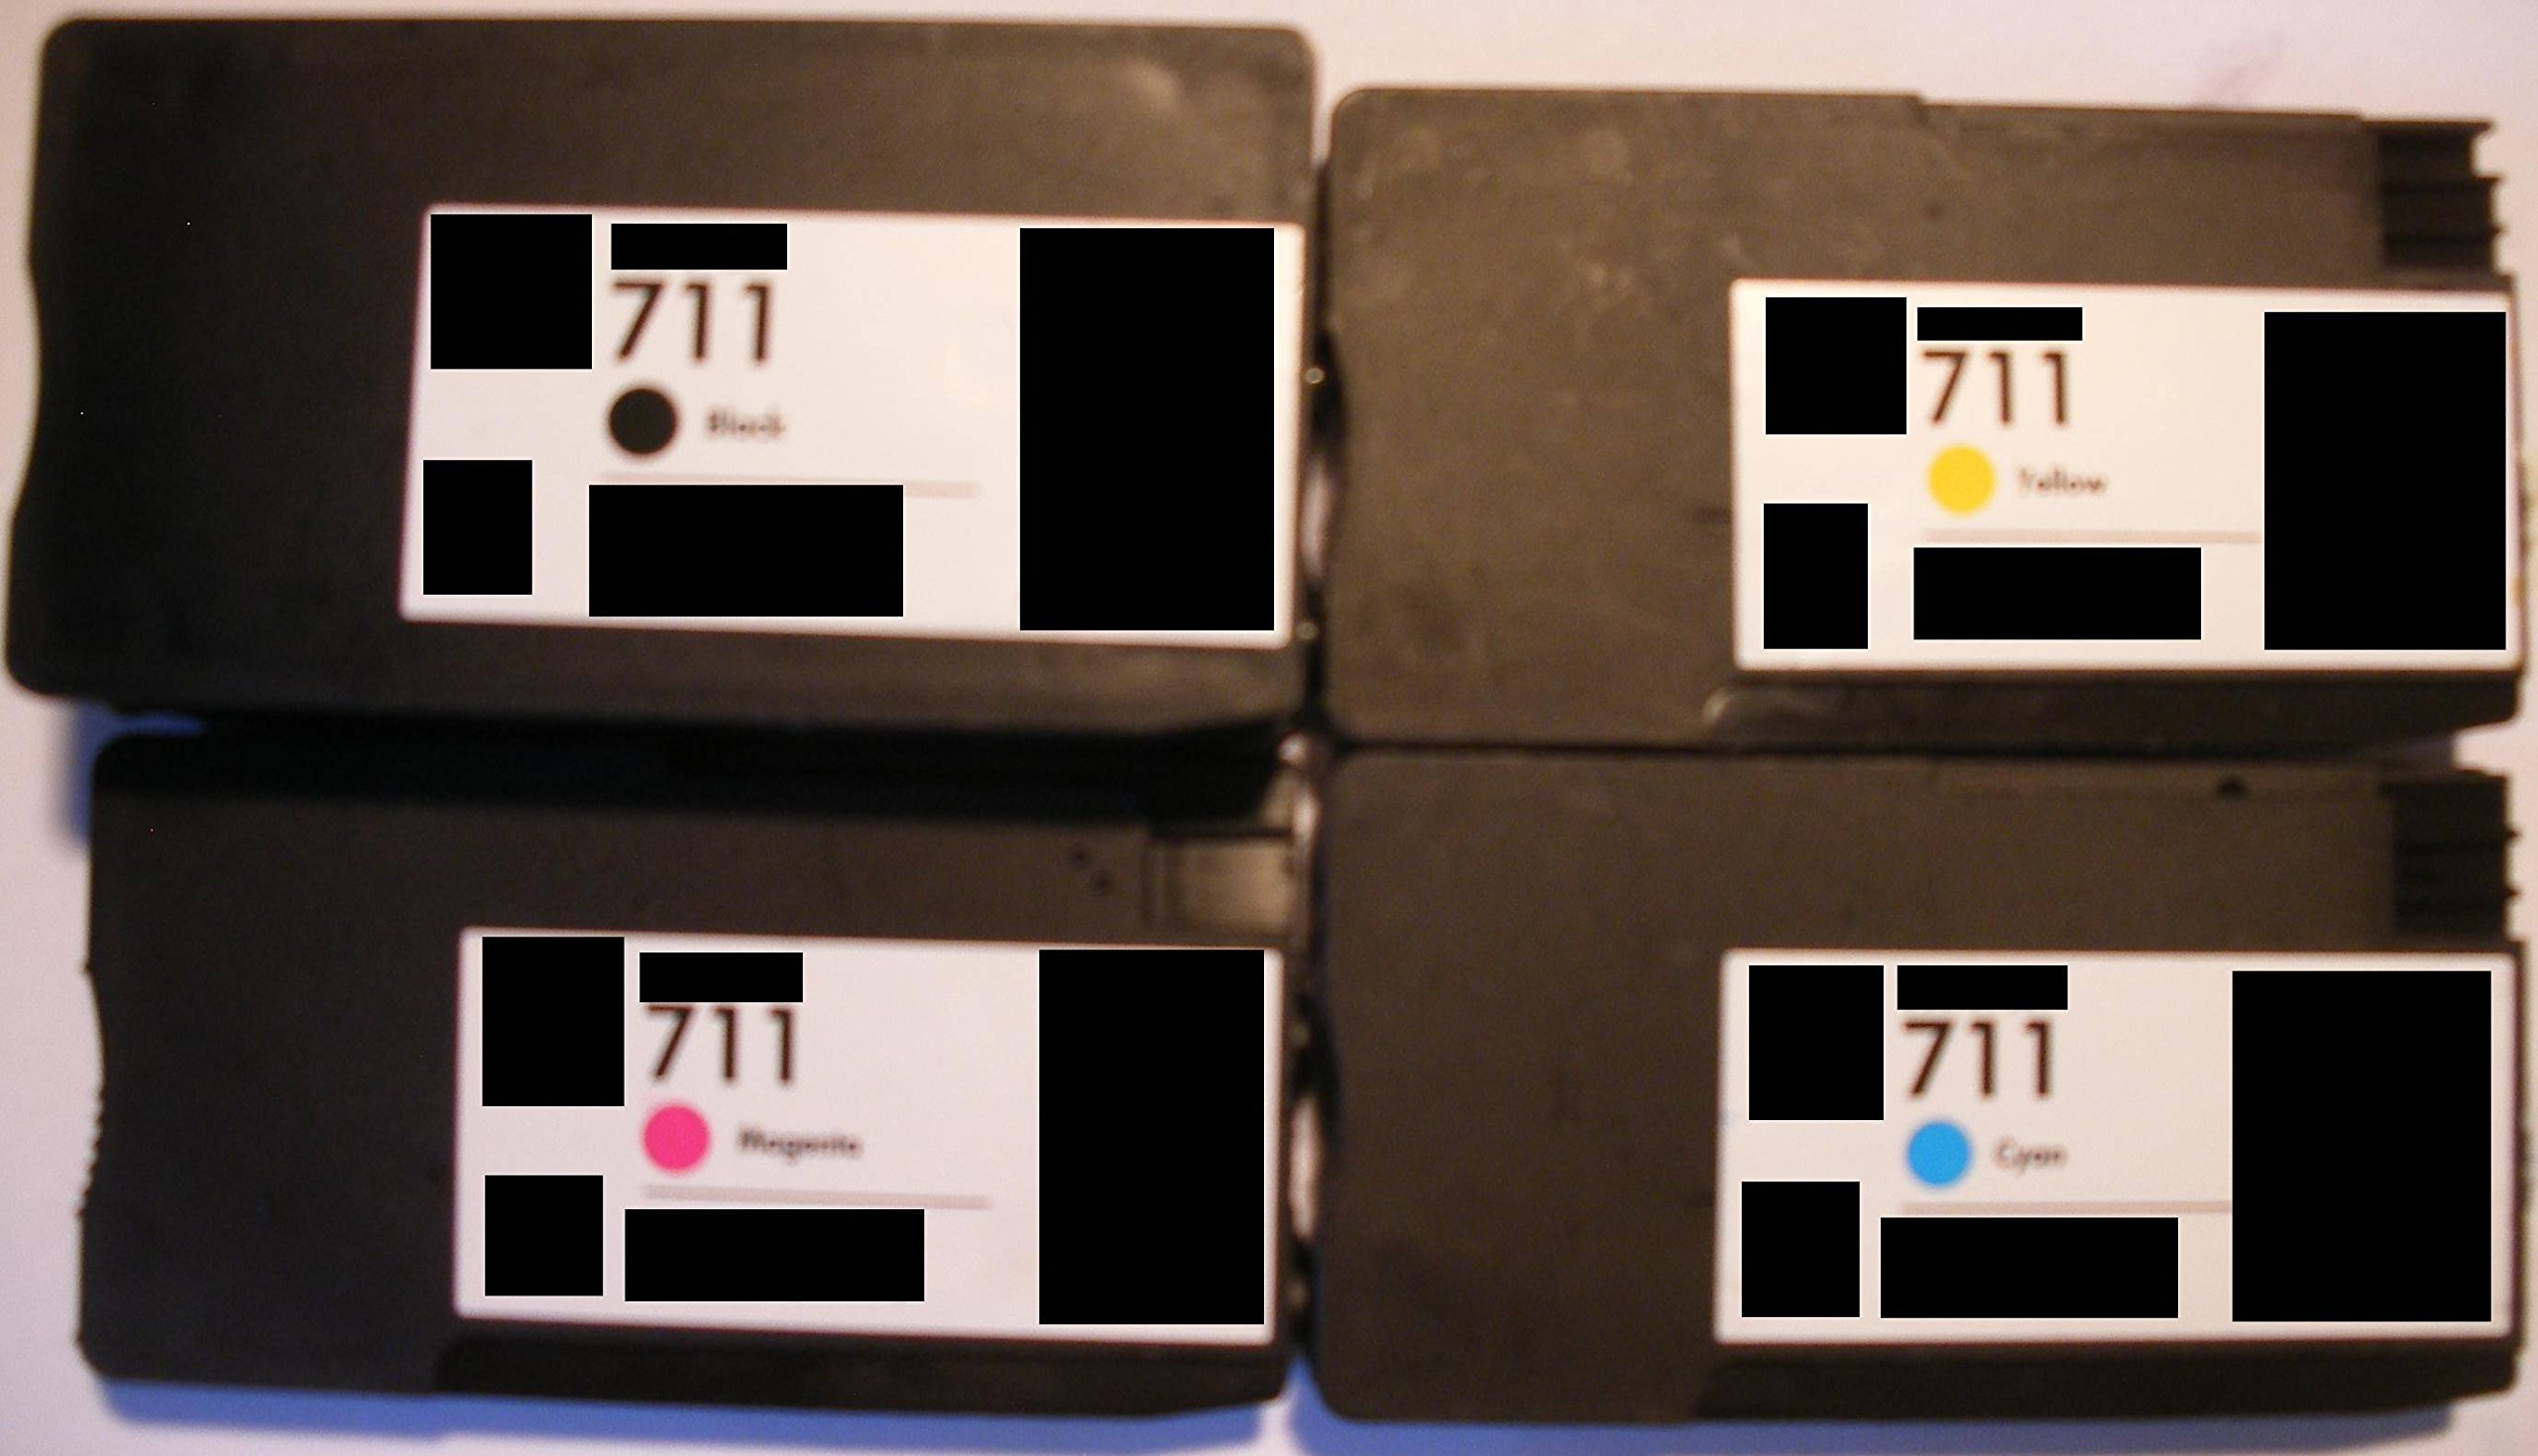 4 x Cartuchos de{711} Tinta de repuesto para HP de Impresora con Chip Set-Precio * CZ133A * XL * CZ130A * CN048AE * CZ131A * CZ132A* Designjet T120 T520: Amazon.es: Electrónica